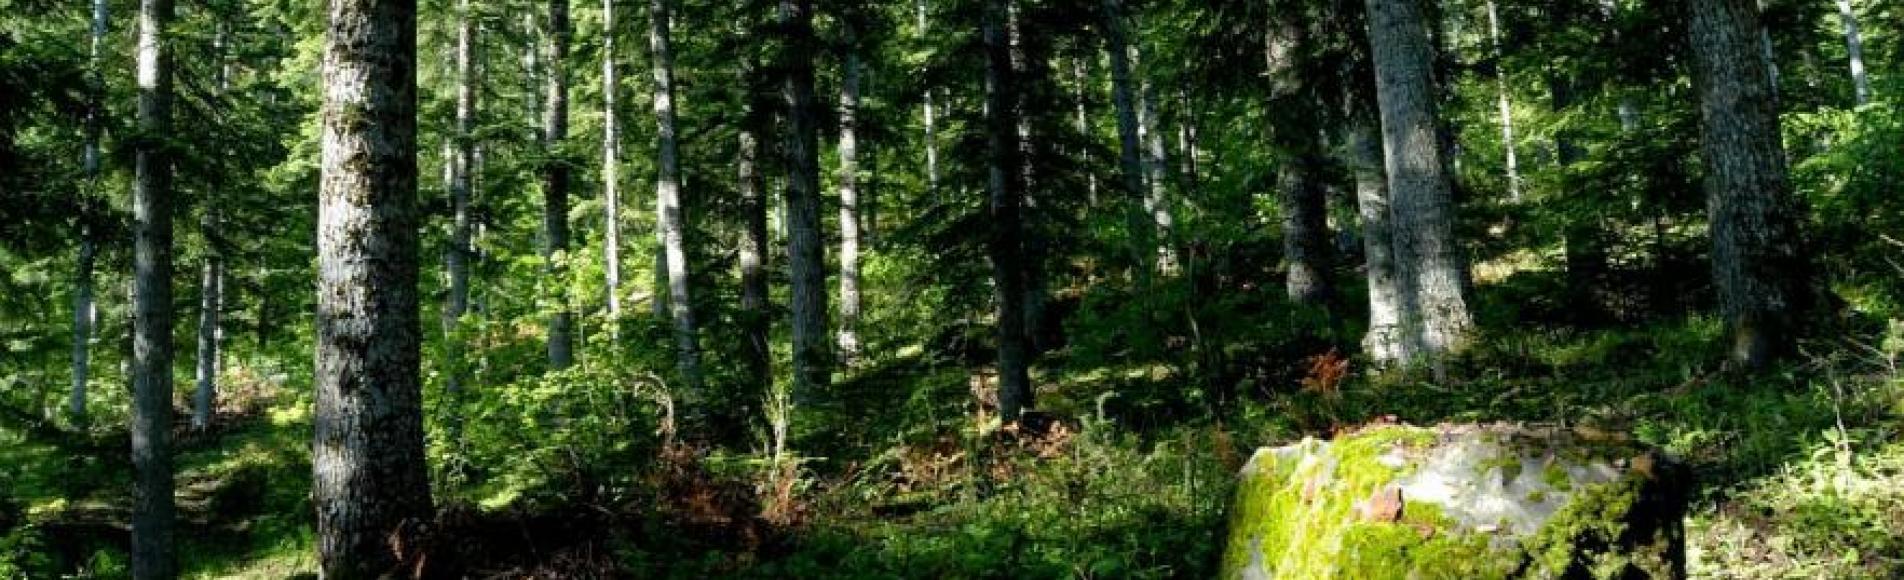 Sous-bois de Boscodon © M.Coulon - Parc national des Écrins